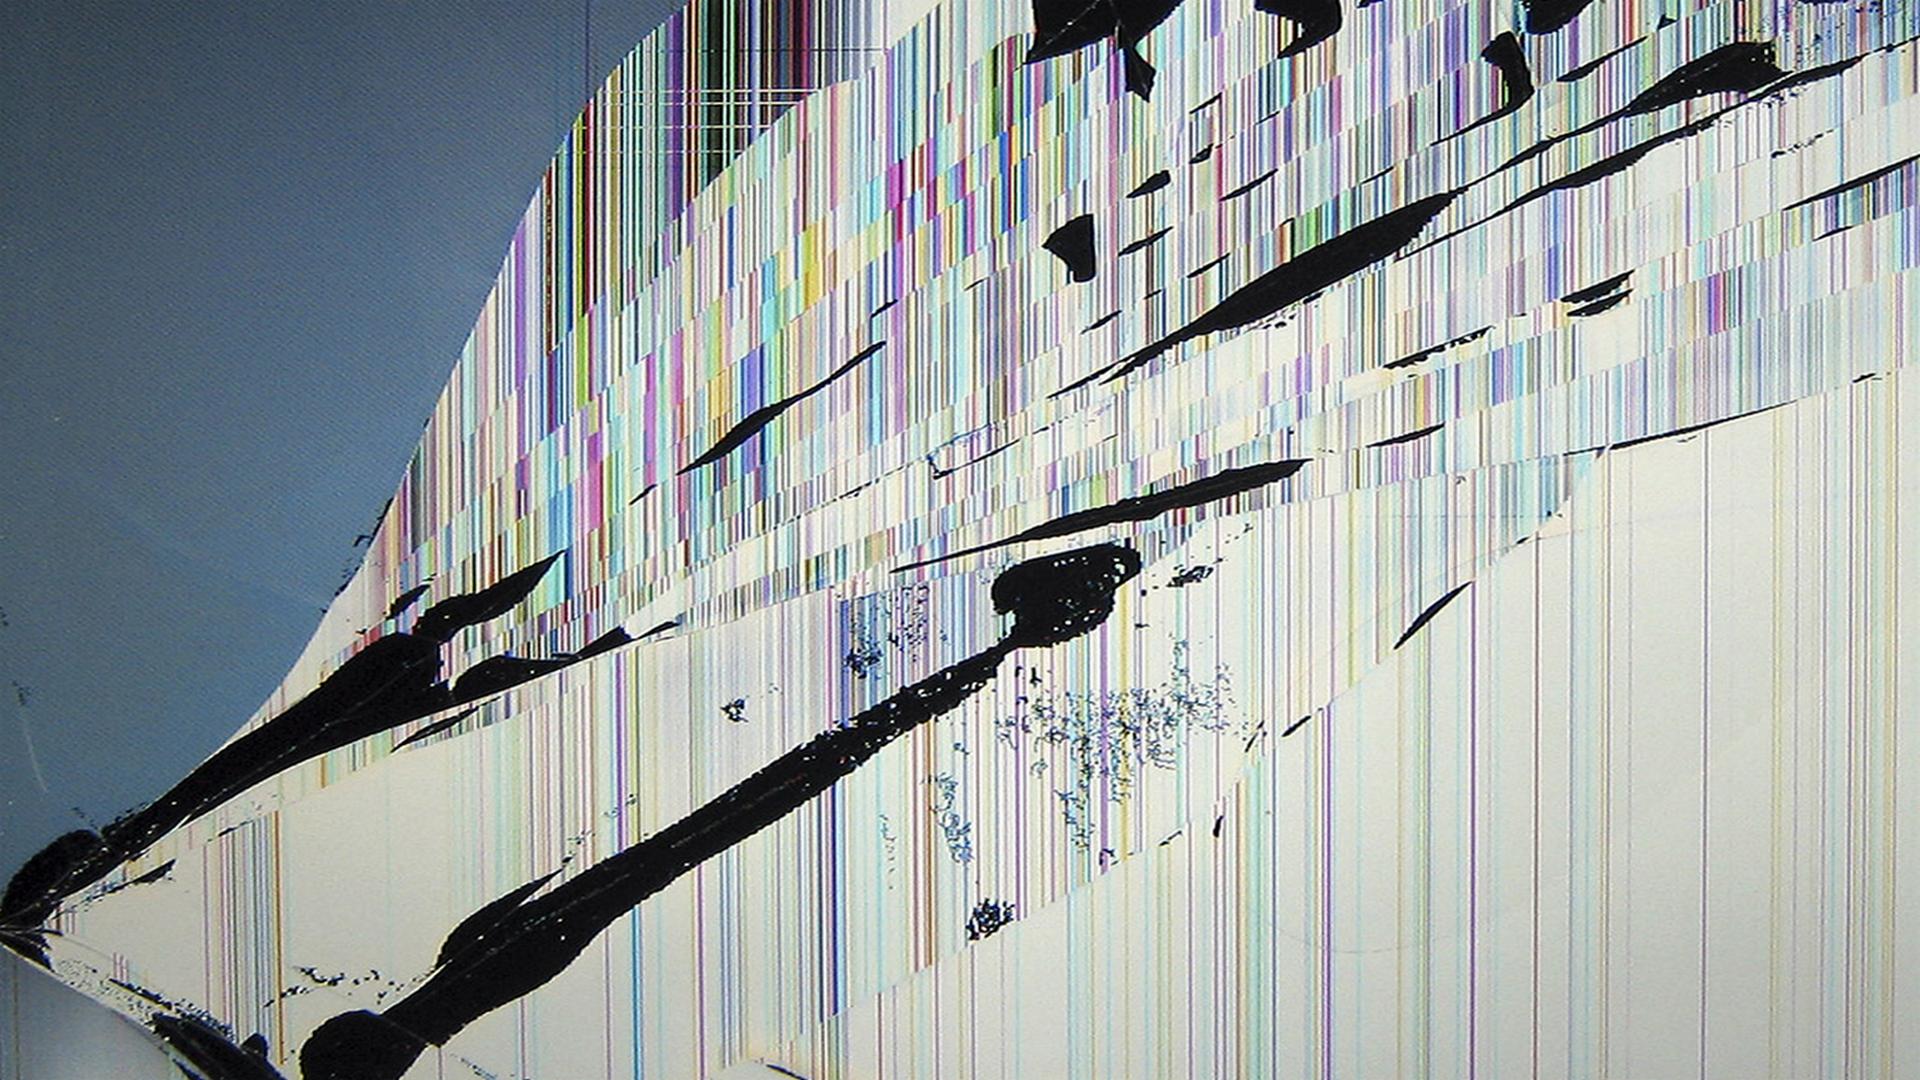 6 Broken Screen Wallpaper Prank For Iphone Ipod Windows And Mac Broken Screen Wallpaper Screen Wallpaper Hd Screen Wallpaper